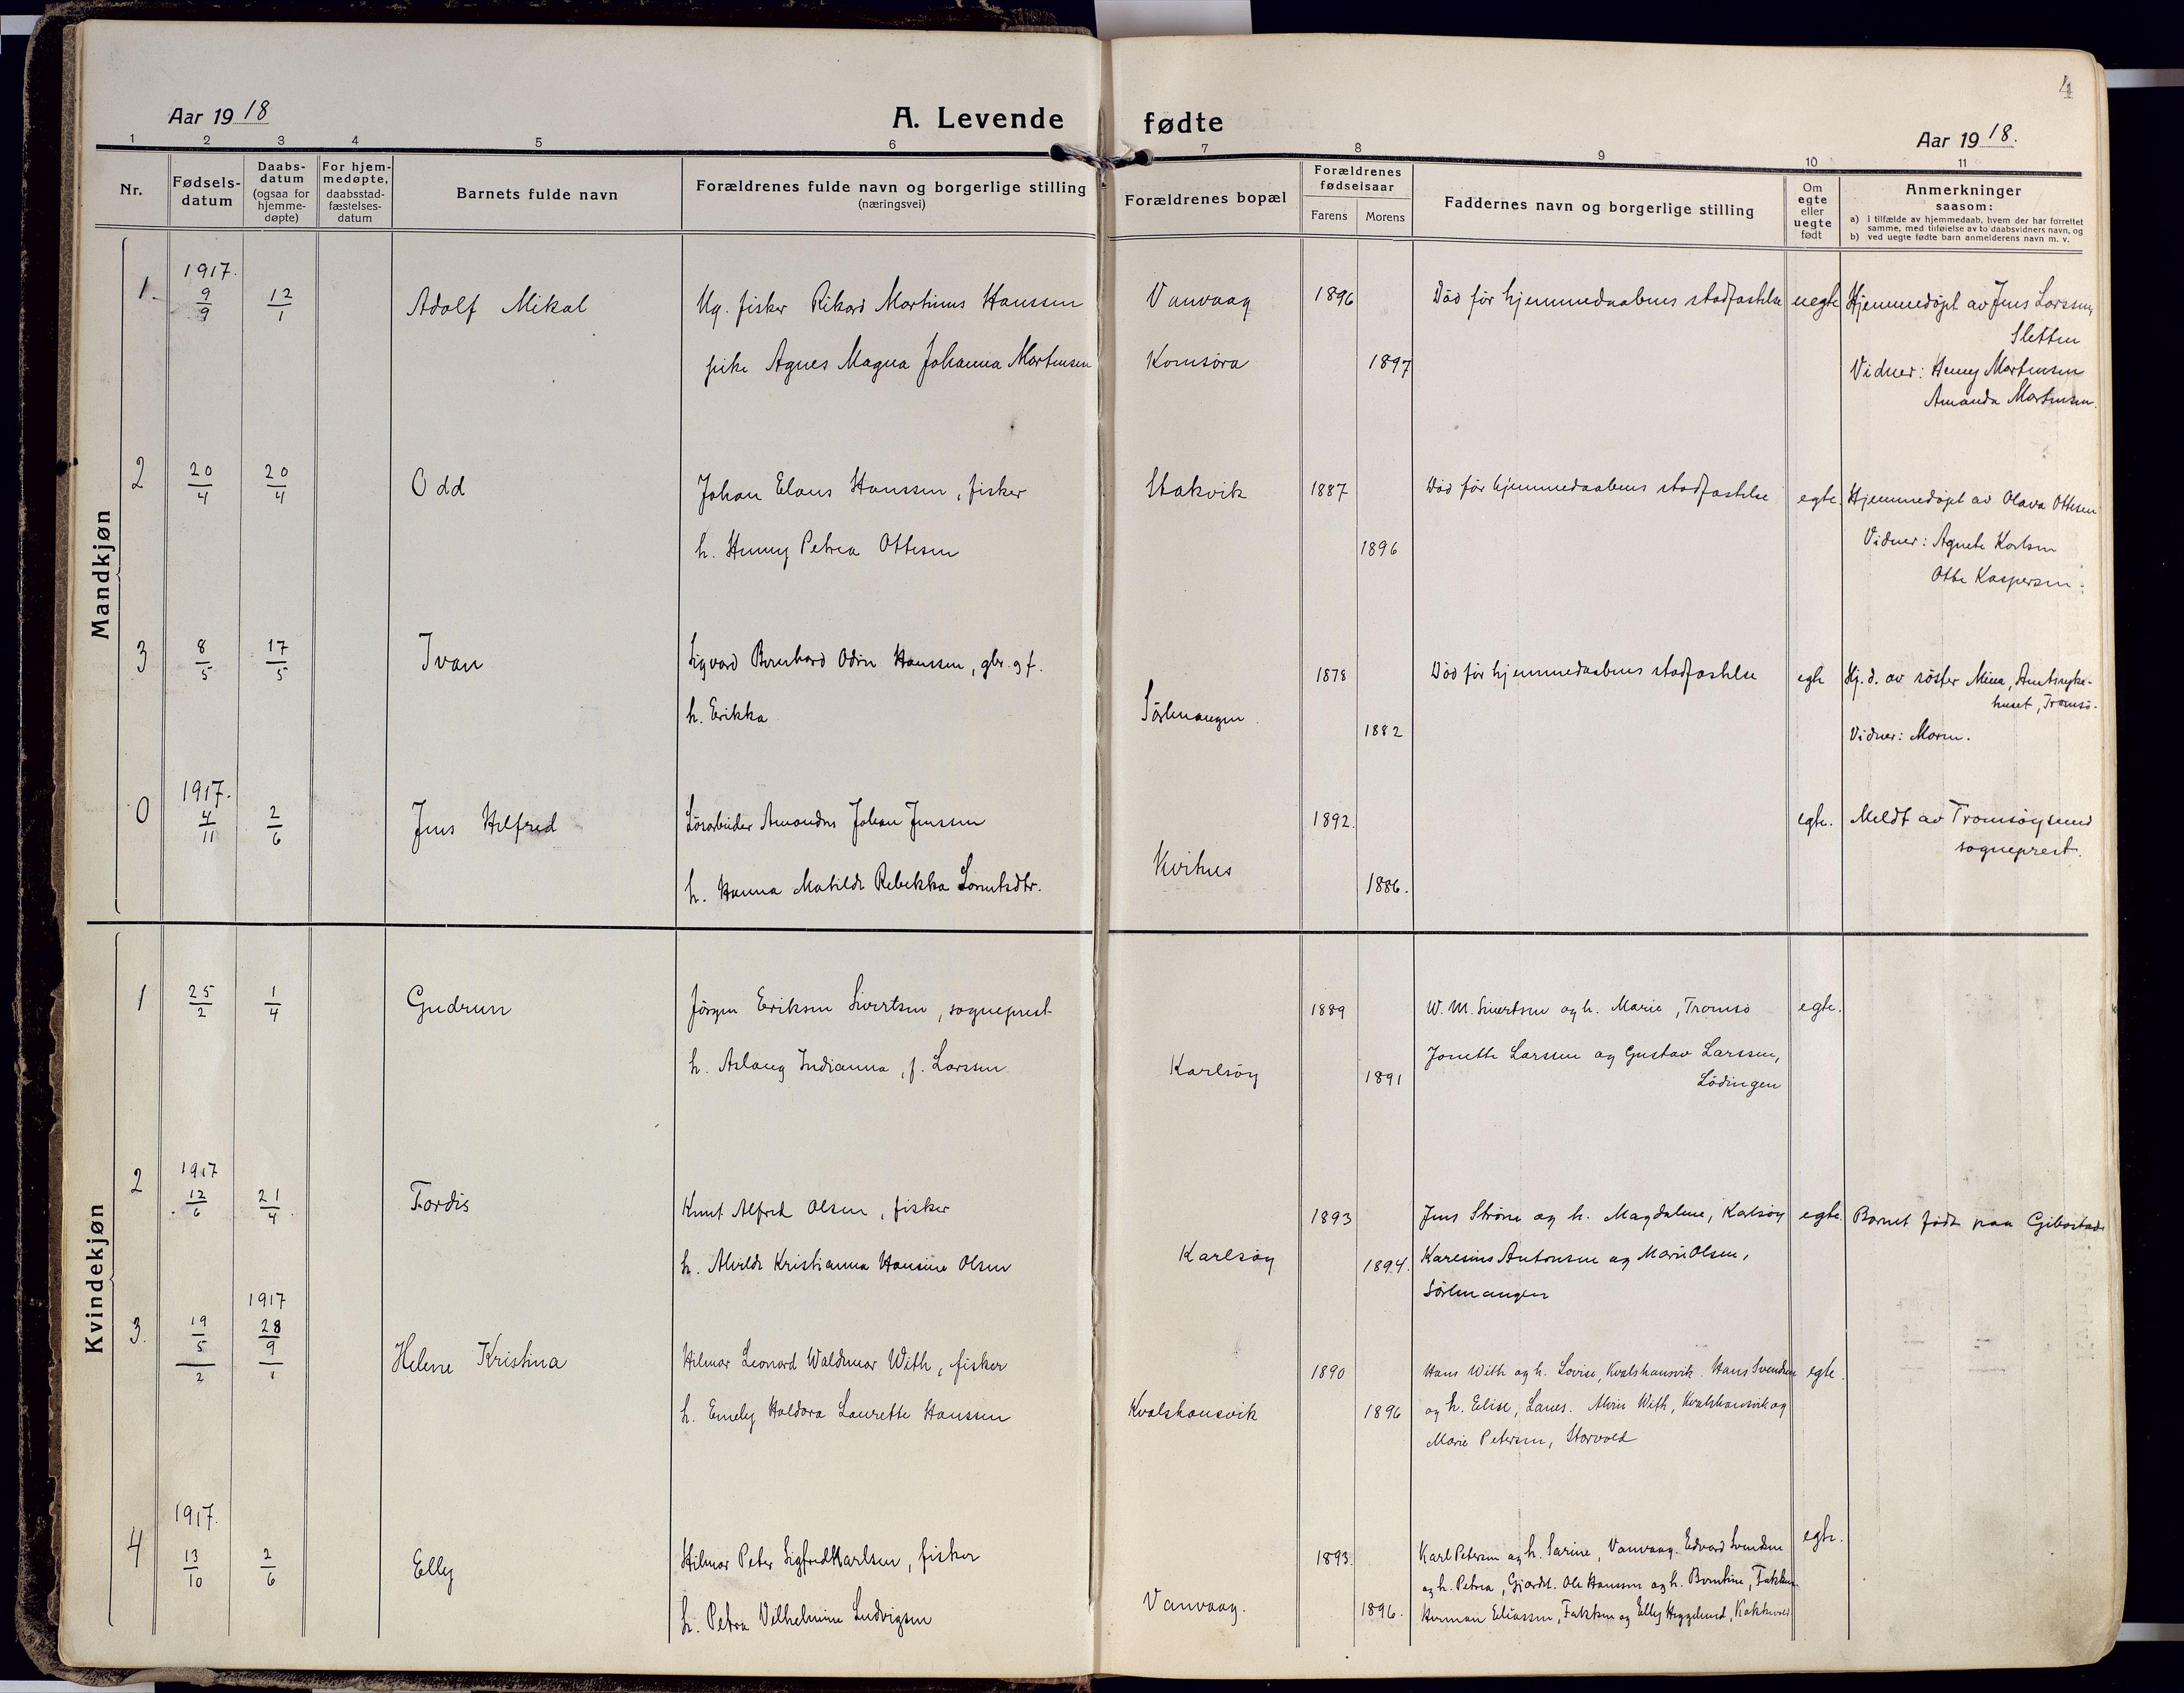 SATØ, Karlsøy sokneprestembete, Ministerialbok nr. 15, 1918-1929, s. 4